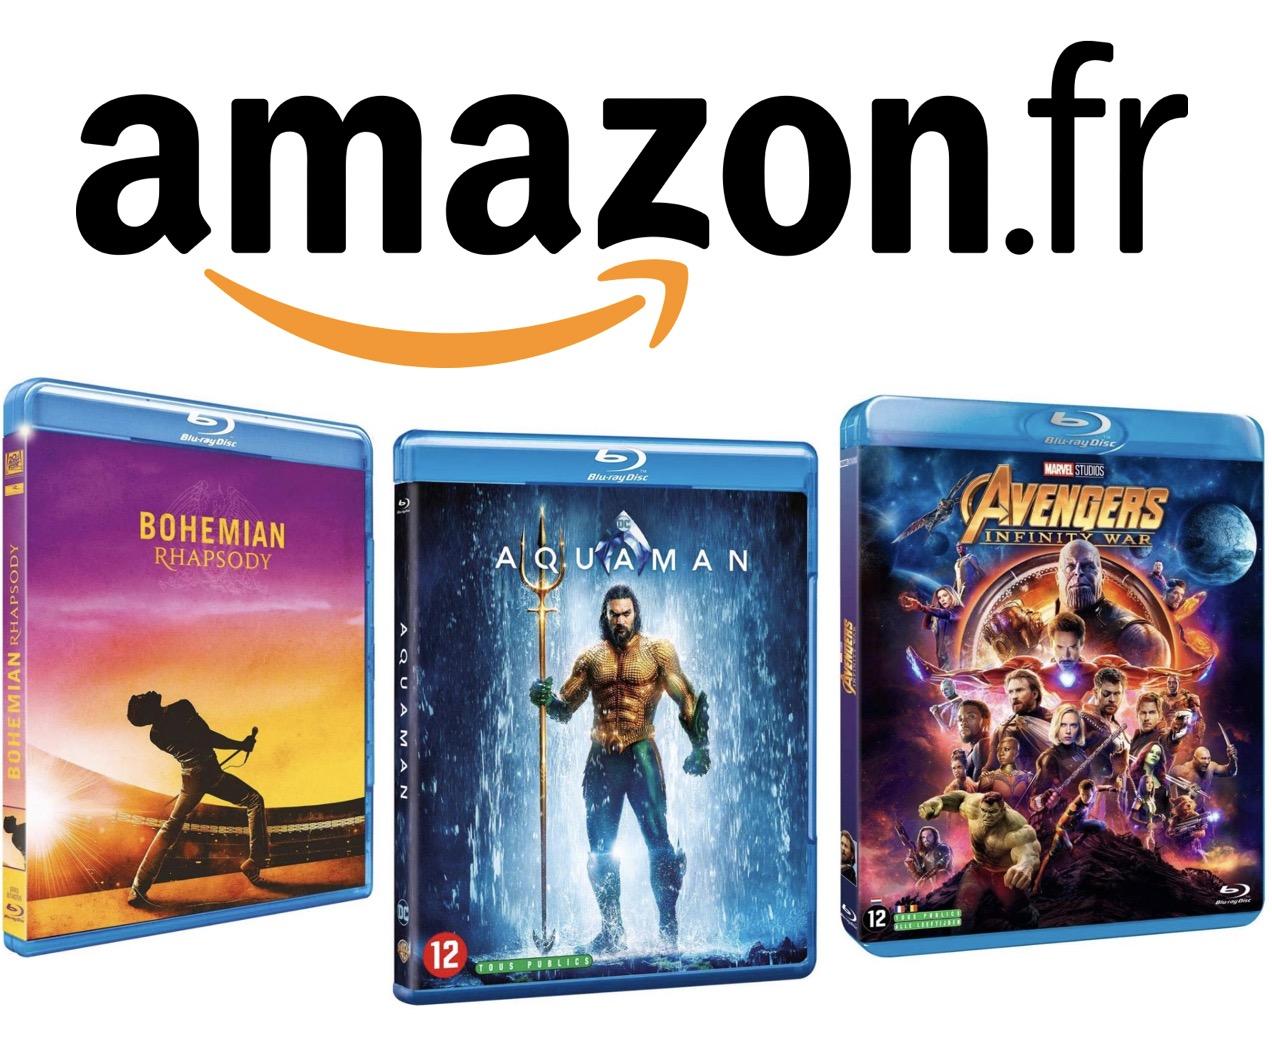 Code promo Amazon : 2 Blu-ray achetés = le 3e offert parmi plus de 4800 titres différents